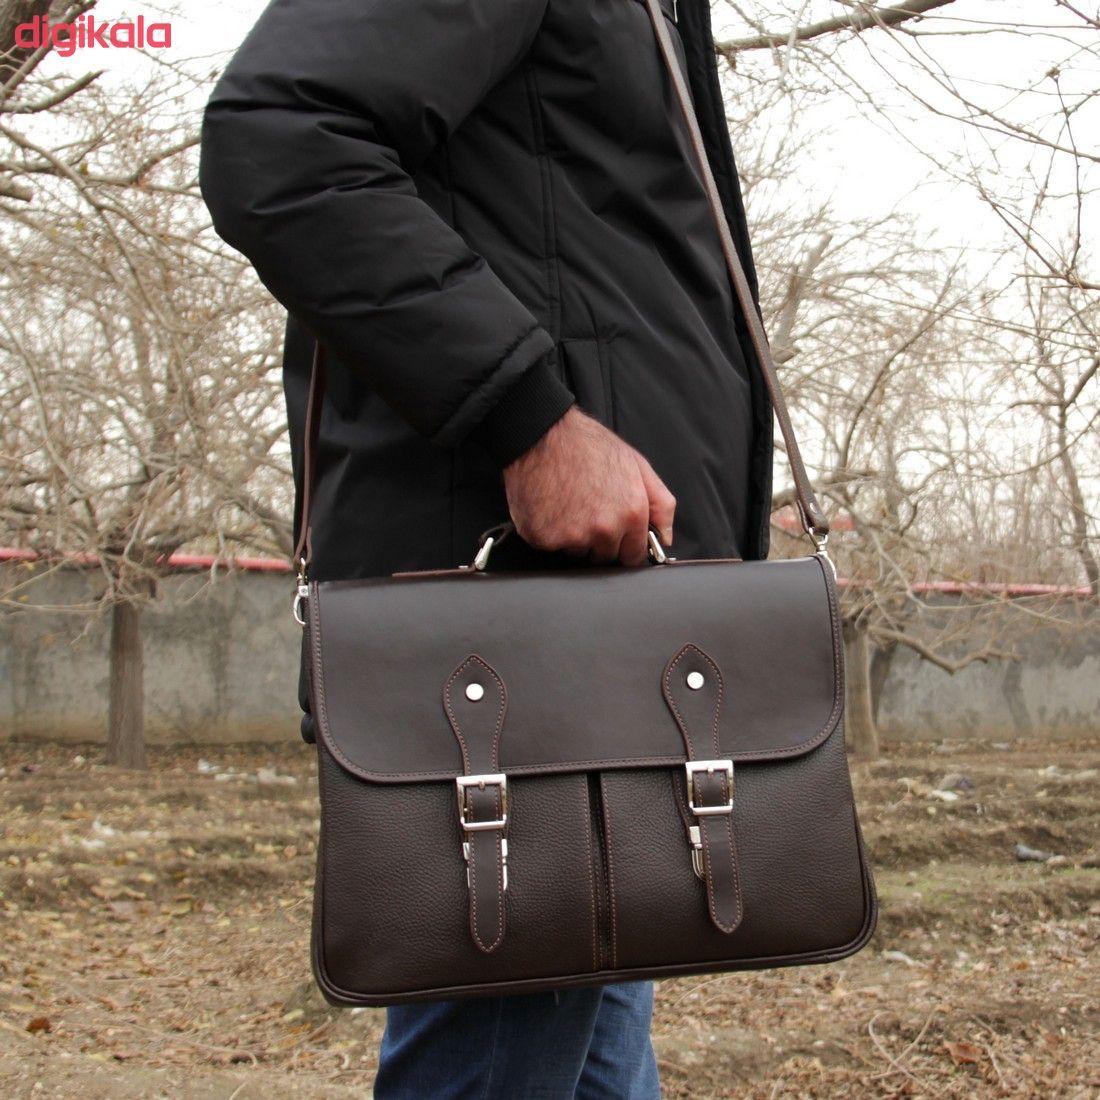 کیف اداری مردانه چرم بیسراک مدل مارال کد Ed-502 main 1 23